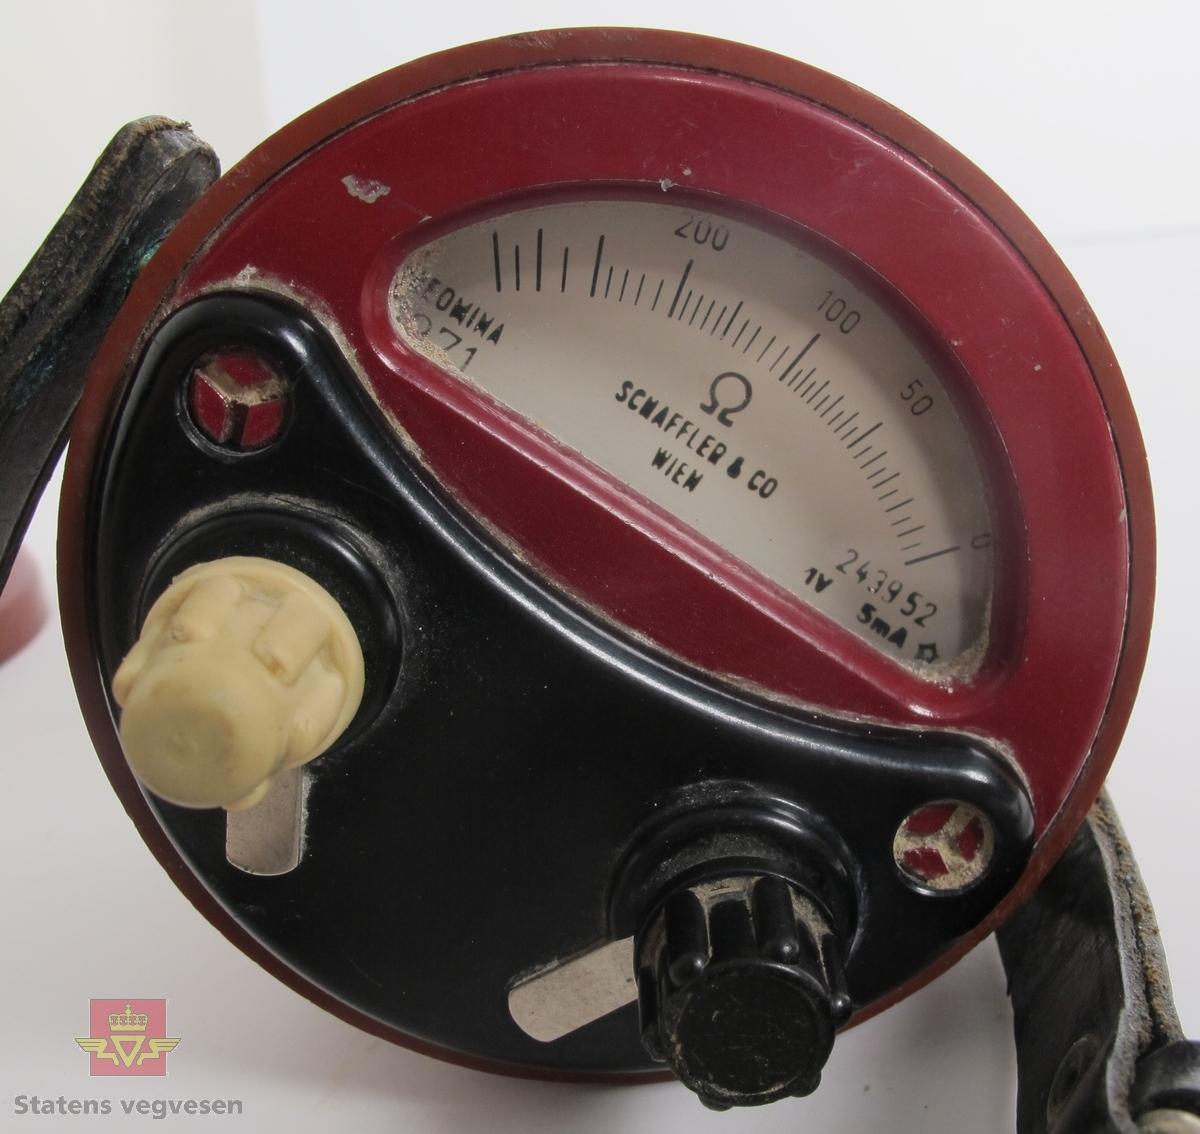 Ohmmeter i burgunderrødt hus av metall, dekket med gummi. Har to tilkoblingspunkter for ledning og bærereim av lær. Målevindu med nål som viser verdier fra 0 til 500 ohm. Har innskrift på lokket SCHAFFLER & CO, WIEN og påskrifen DREMONIA 1971 SCHAFFLER & CO WIEN 243952 1V 5 mA i målevinduet på ohmmeteret.